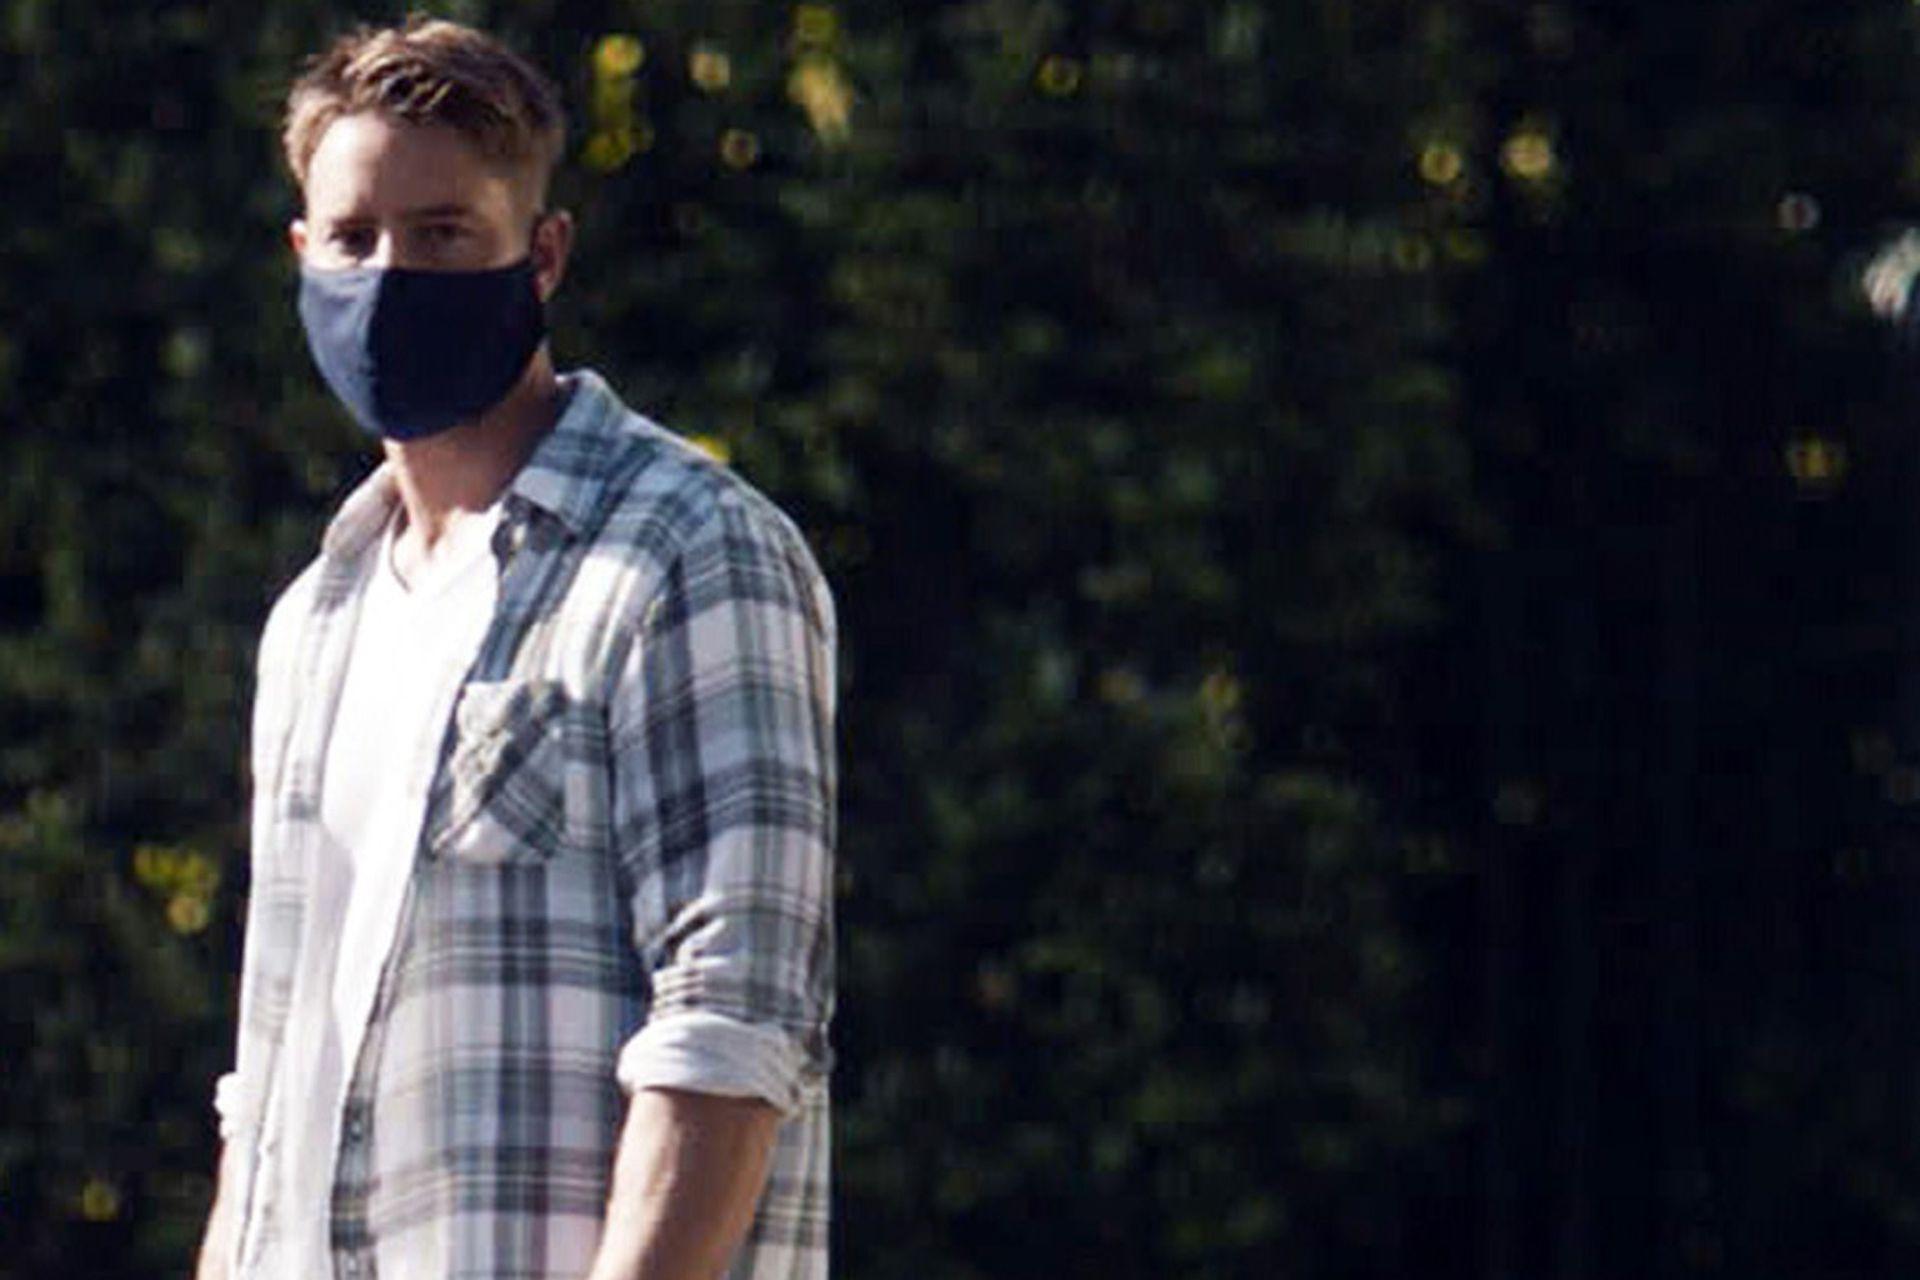 Kevin en This Is Us, en tiempos de pandemia